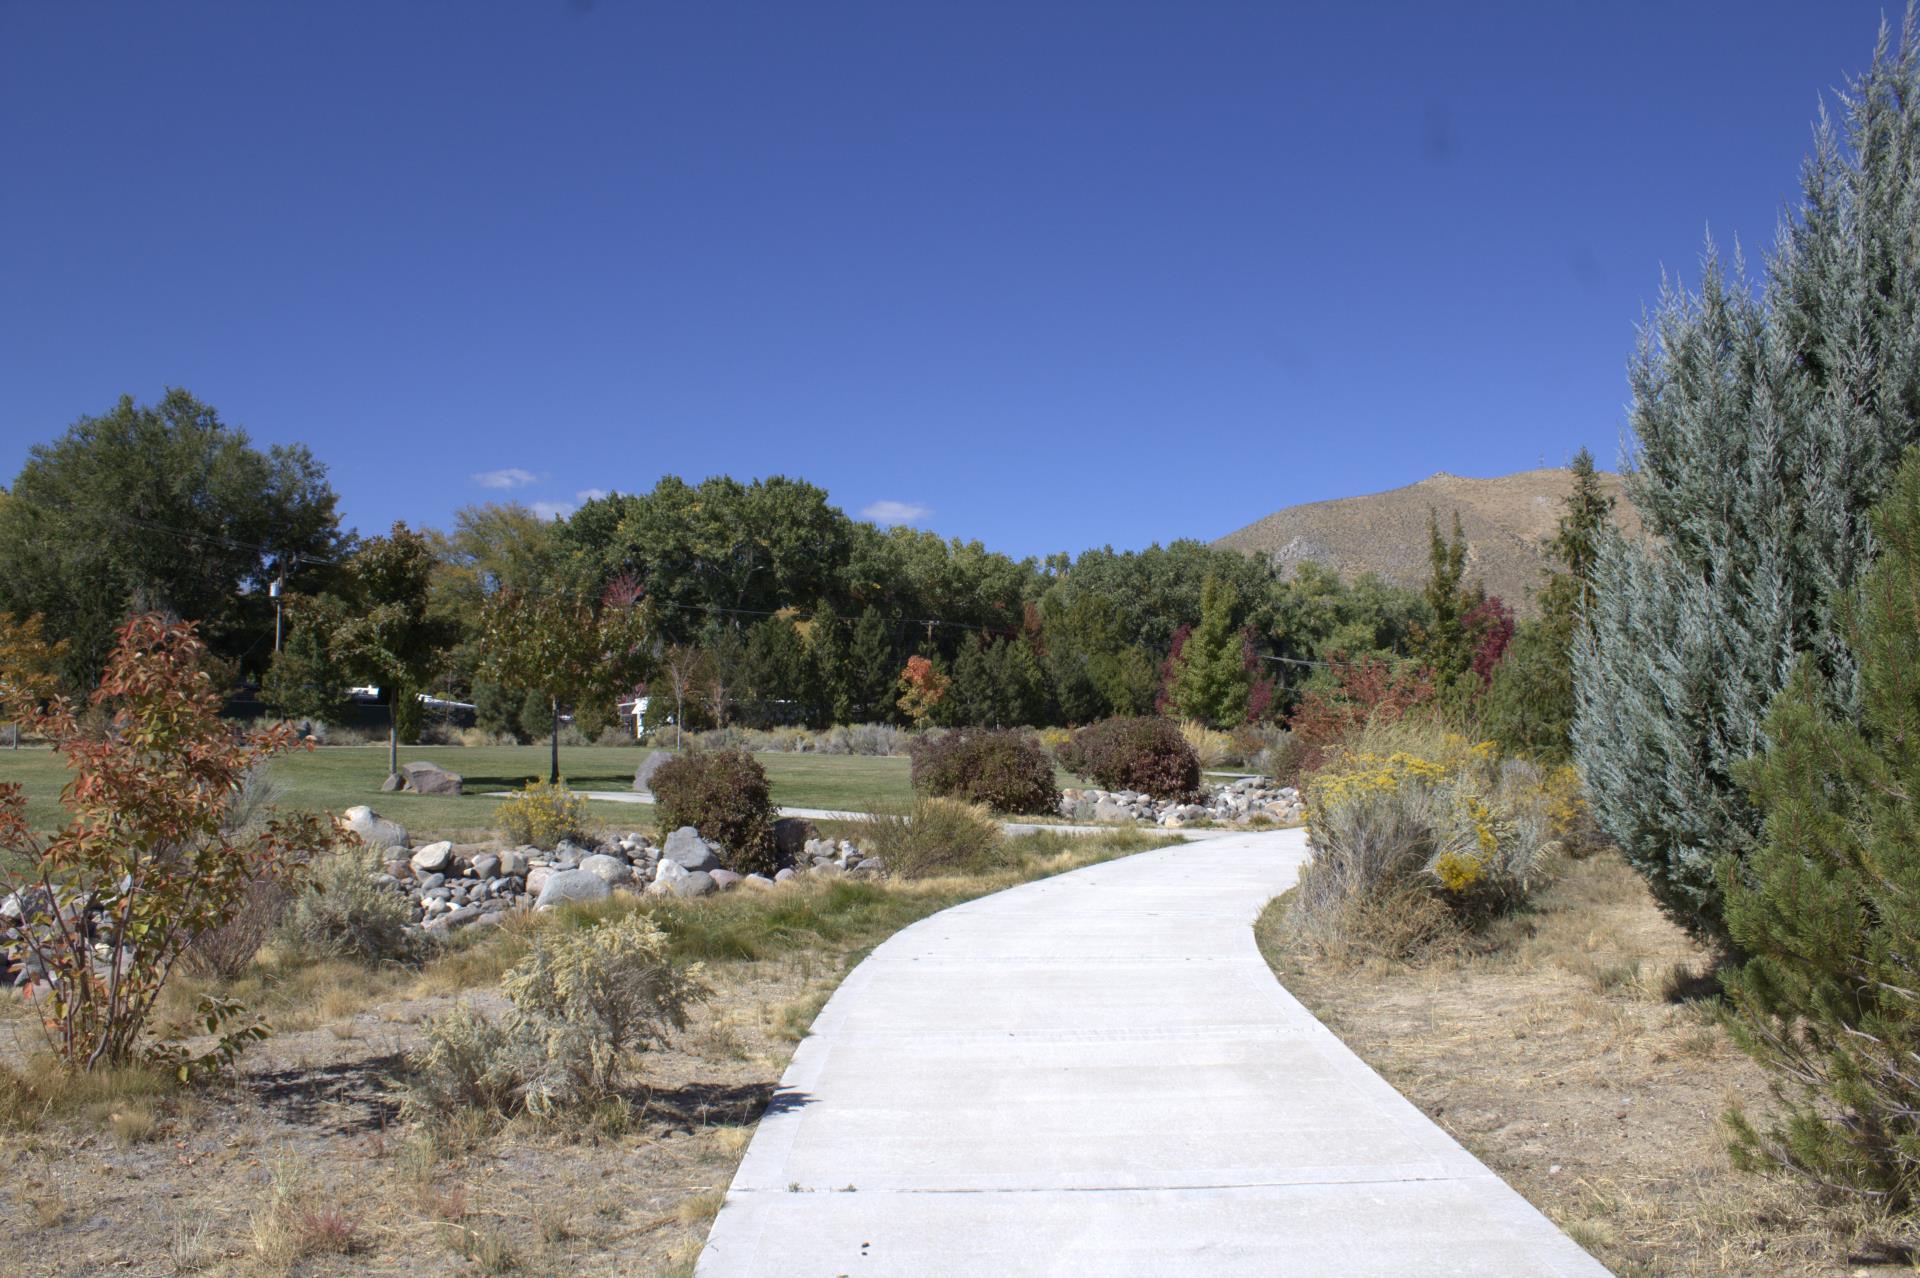 Ronald D. Wilson Park